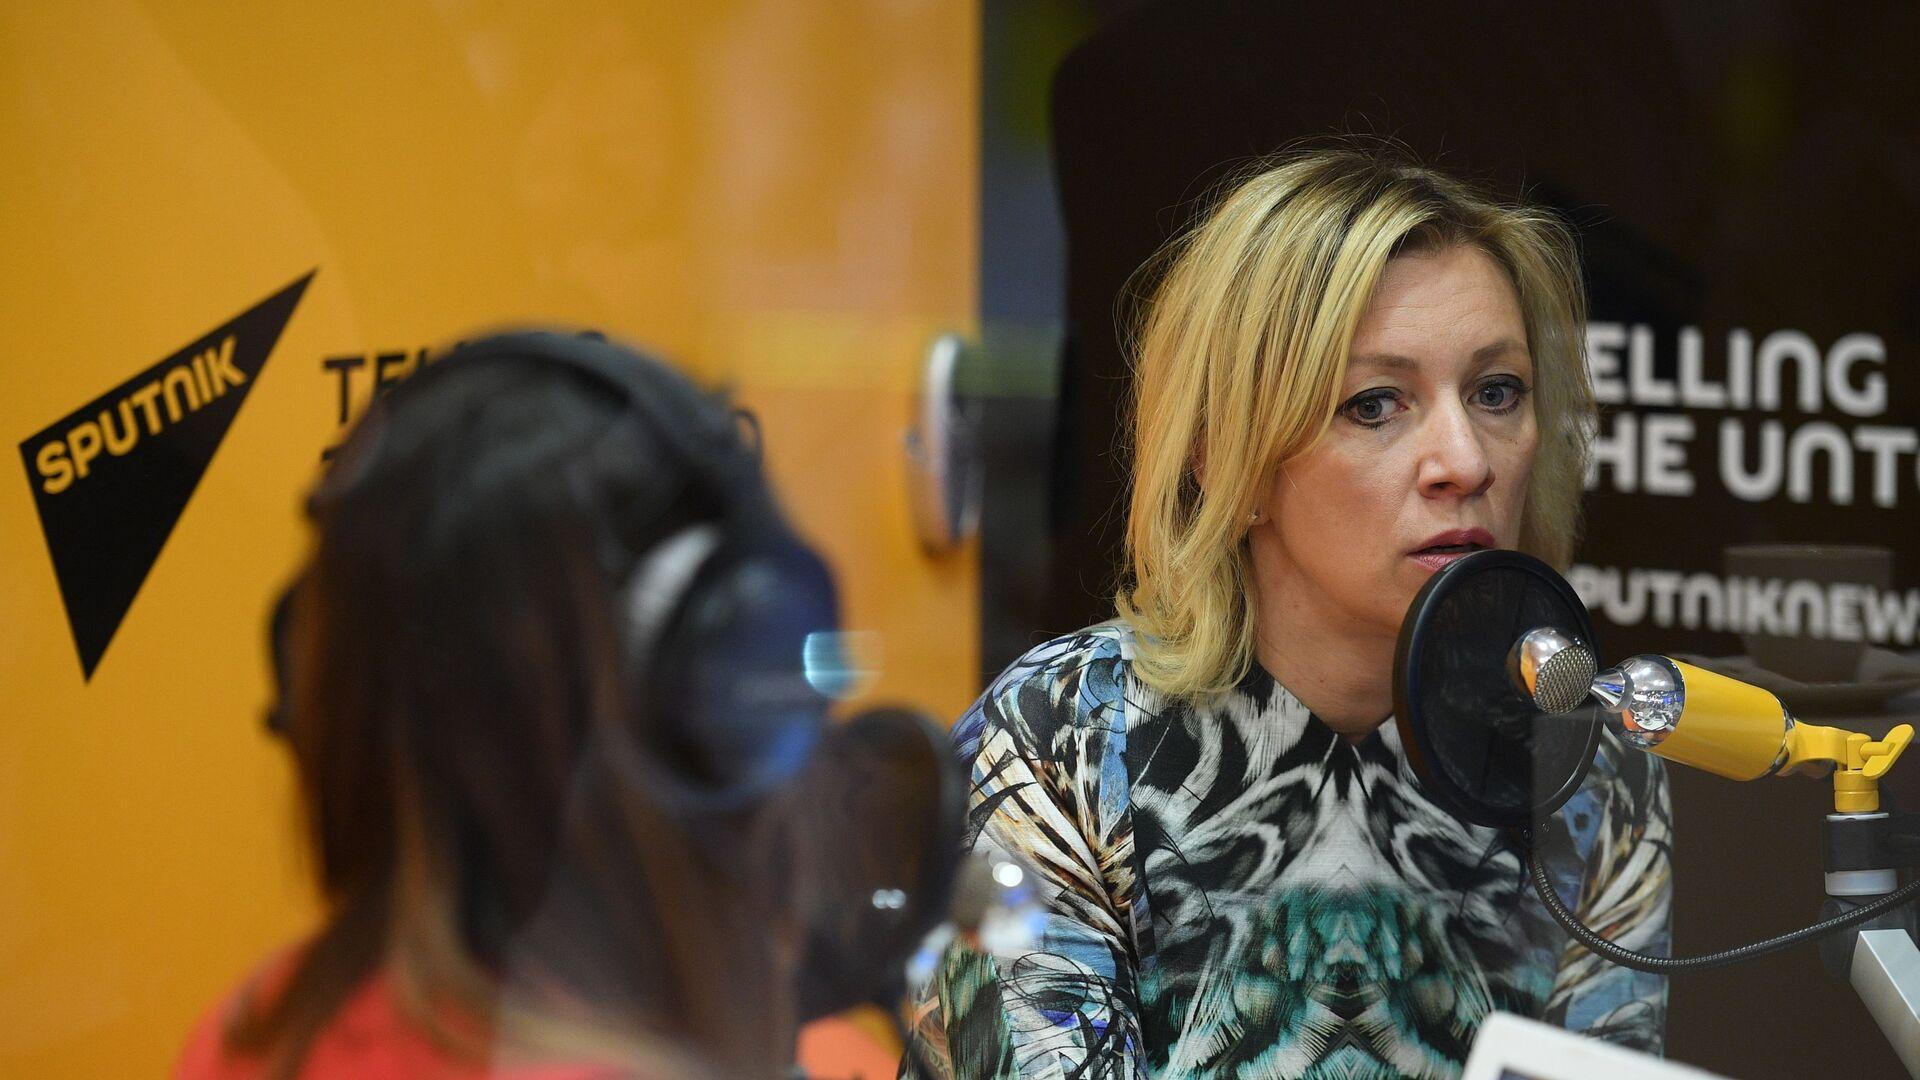 Mluvčí ruské diplomacie Maria Zacharovová dává interview Sputniku - Sputnik Česká republika, 1920, 20.07.2021